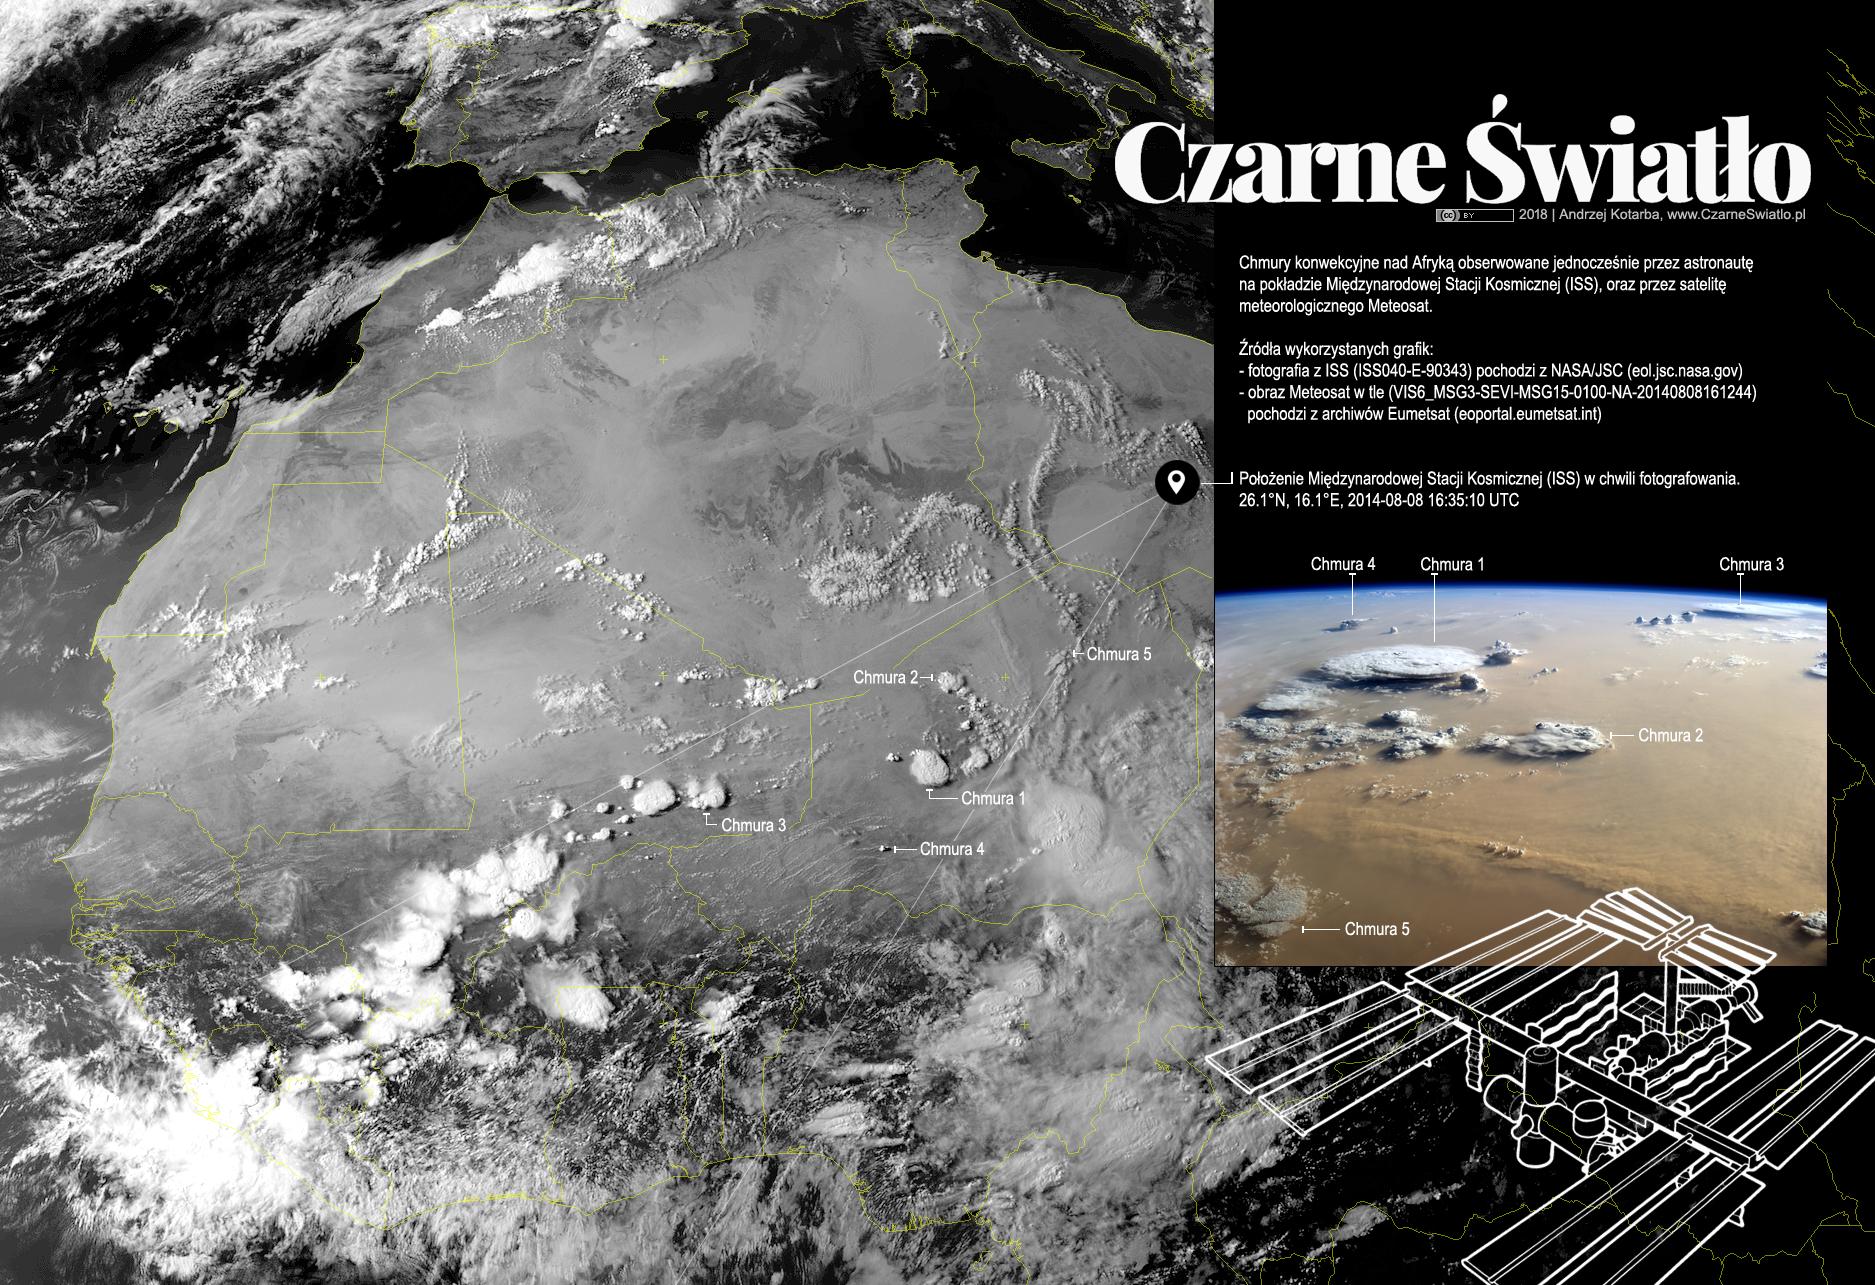 Burze nad Sahelem widziane jednocześnie przez astronautę na stacji kosmicznej, oraz satelitę meteorologicznego Meteosat. Rys. Andrzej Kotarba/czarneswiatlo.pl/Meteosat/NASA.